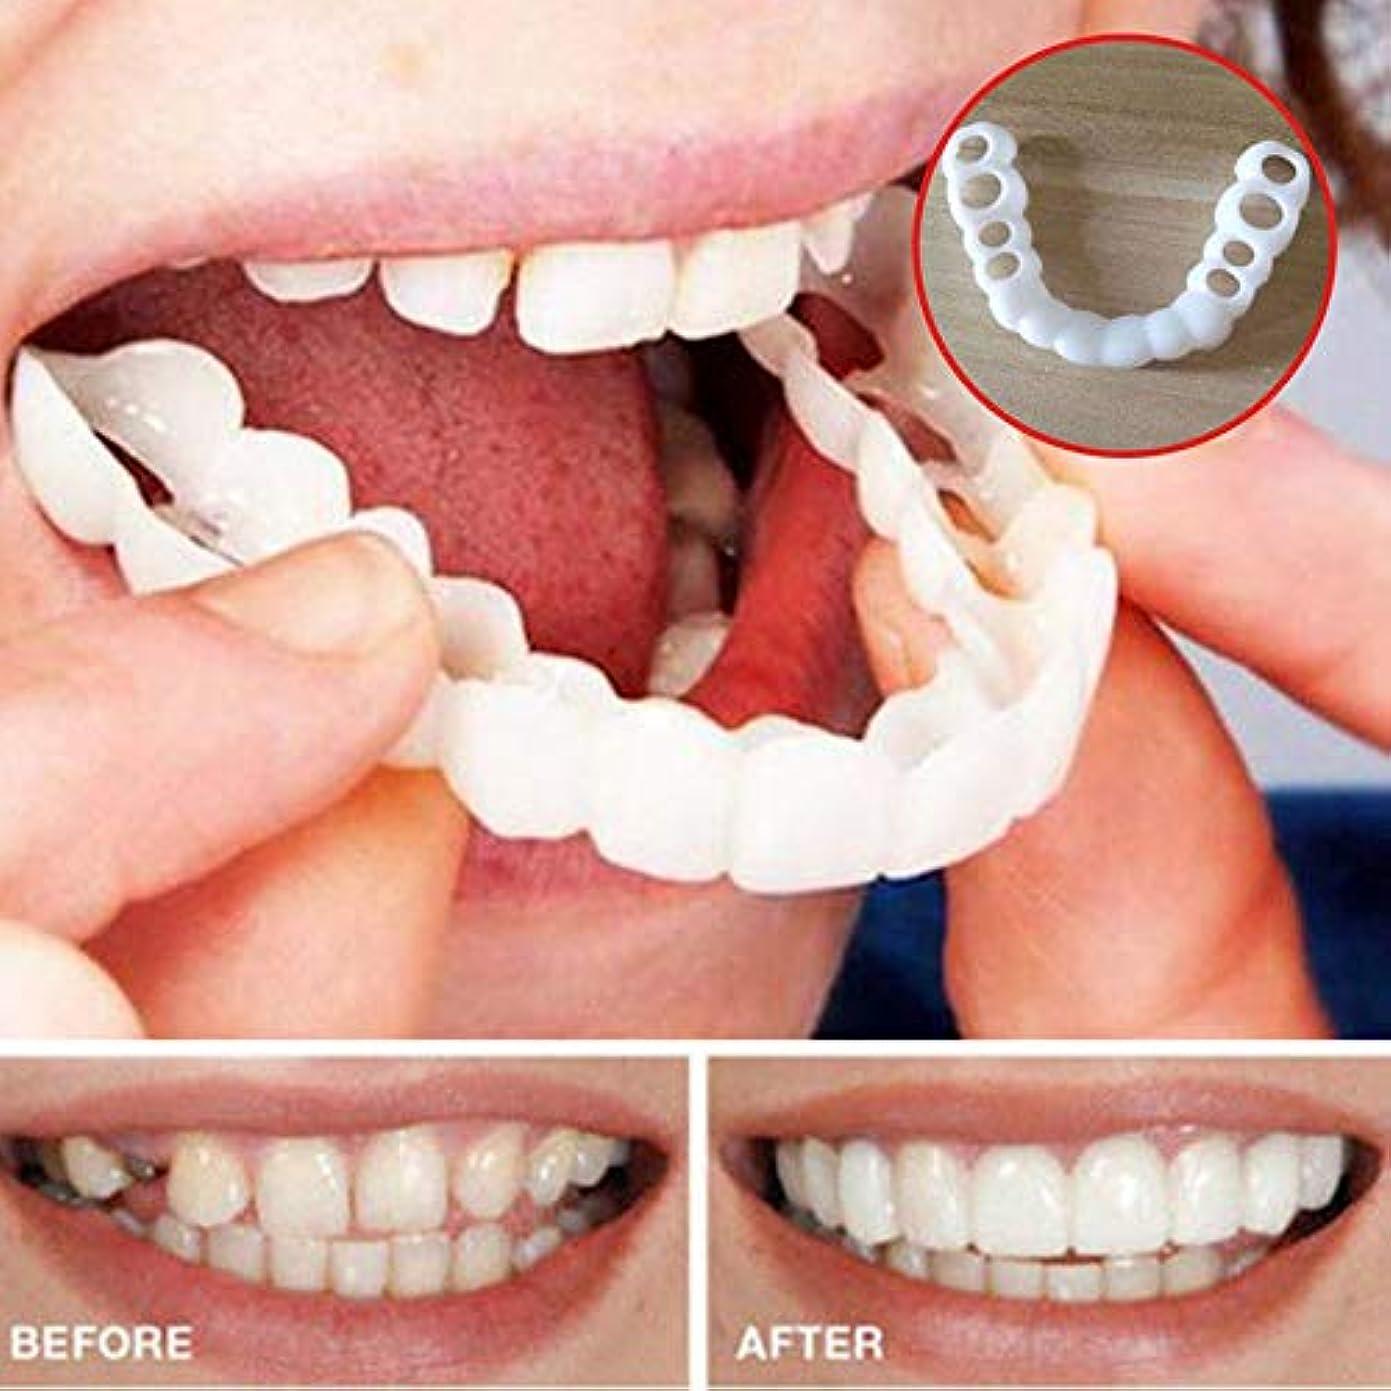 視力政令ペストシリコンシミュレーション歯ホワイトニングブレース(10個),Upper